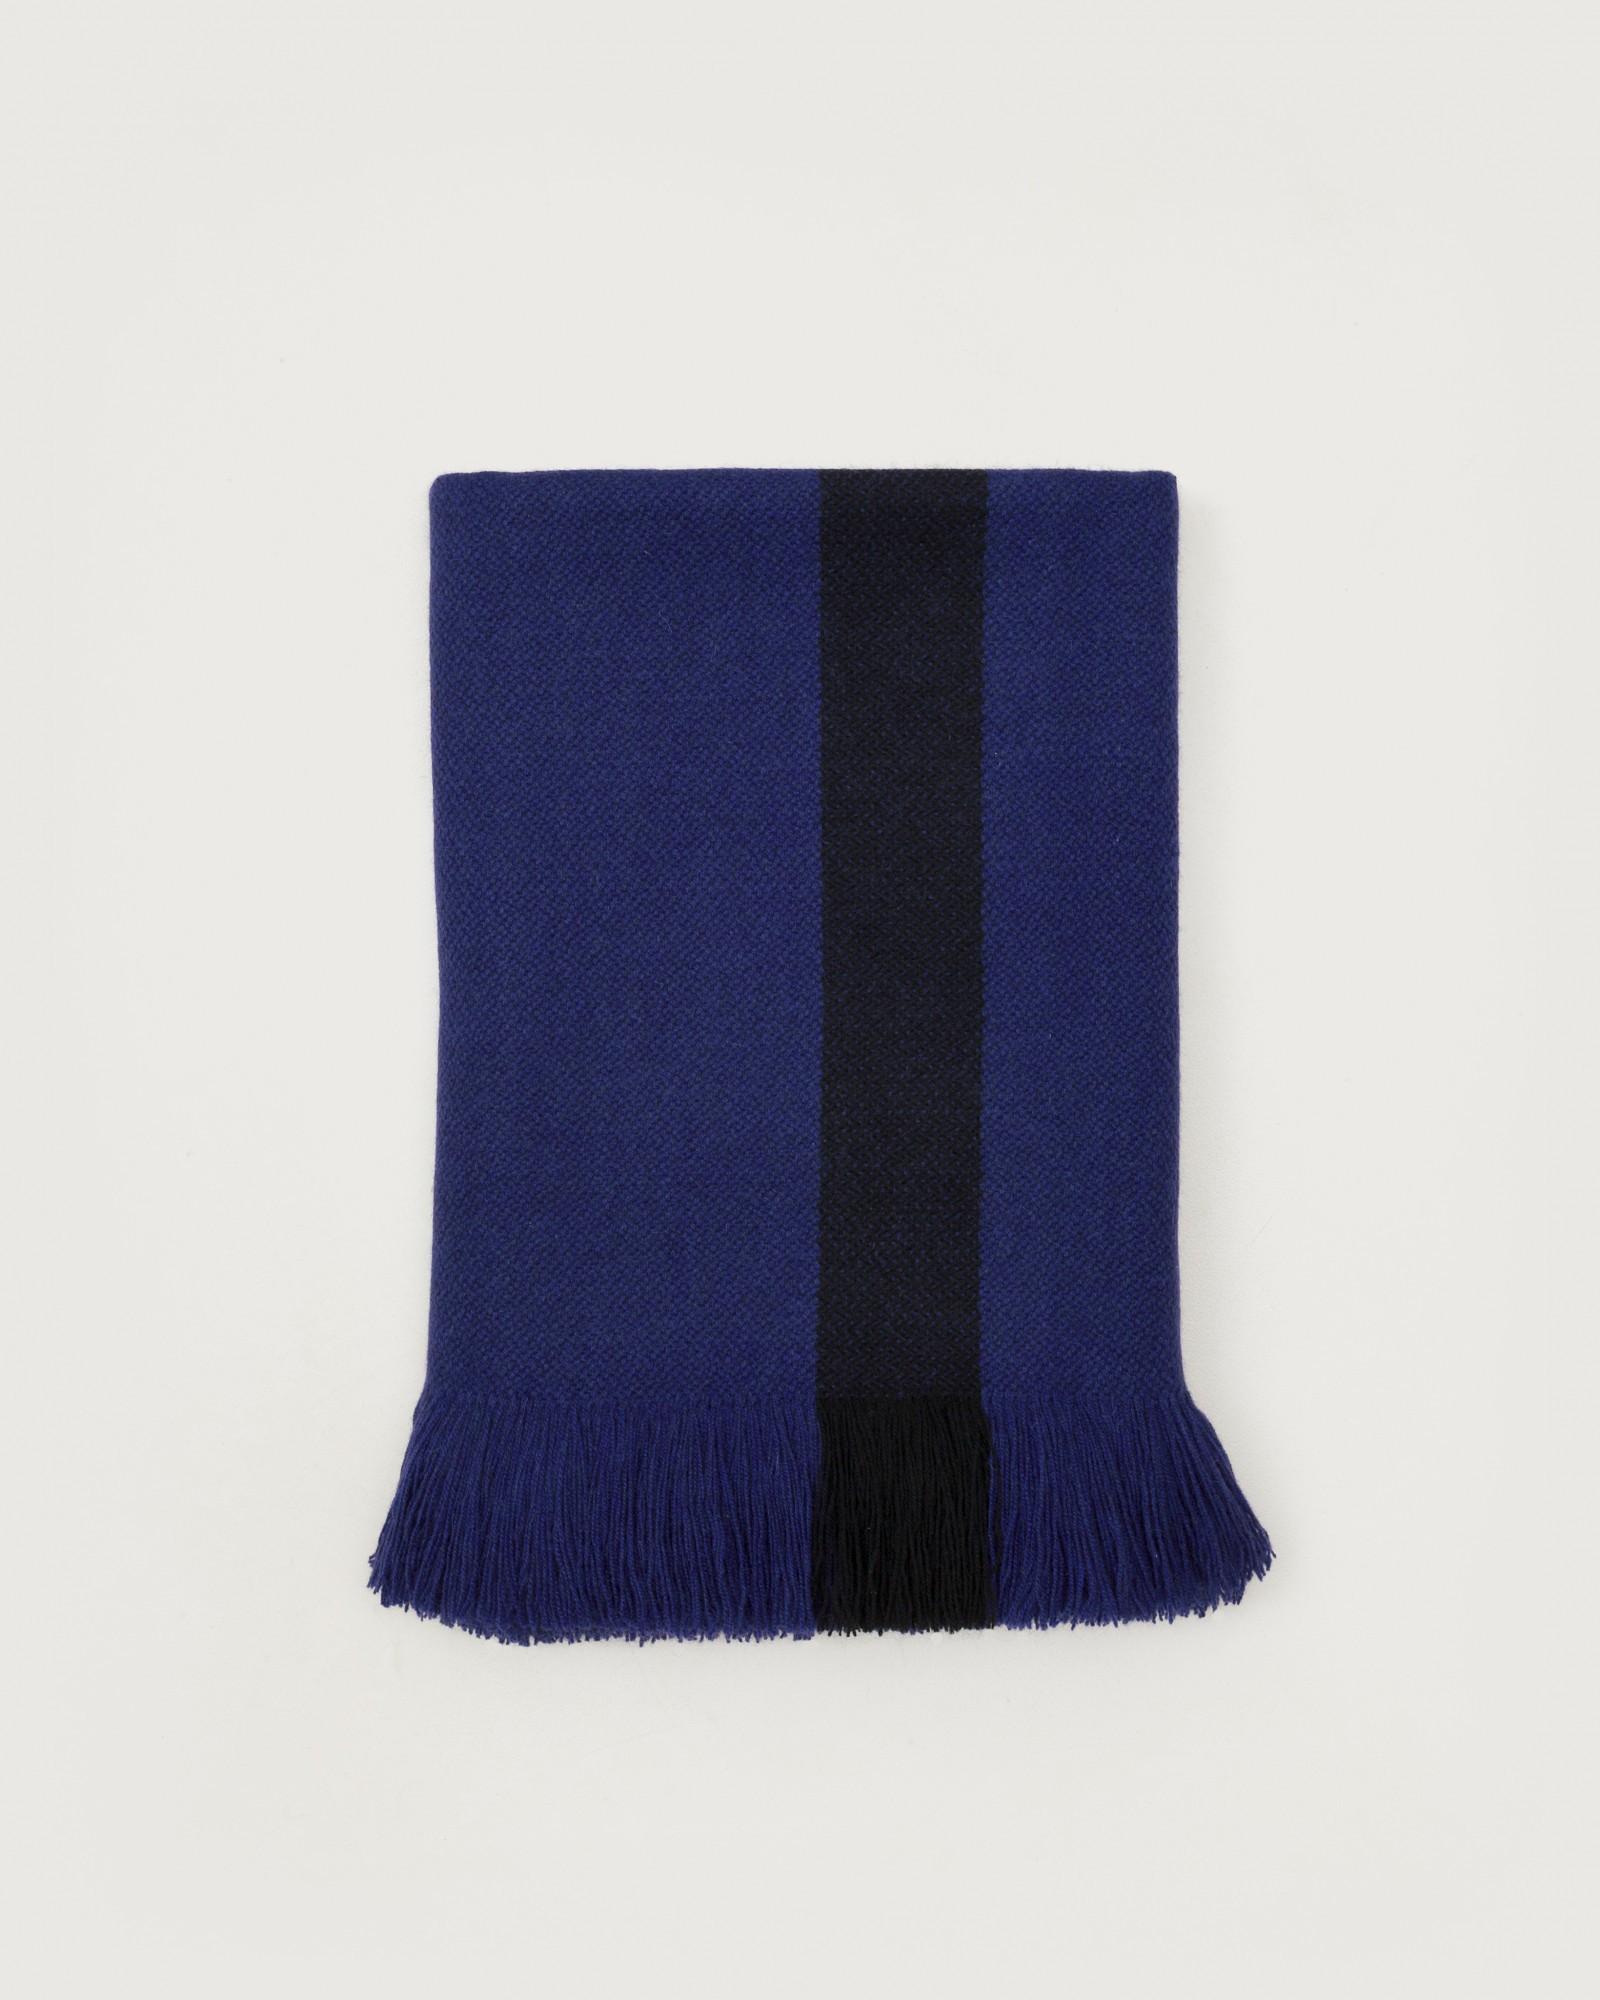 bicolor-blue-violet1.jpg